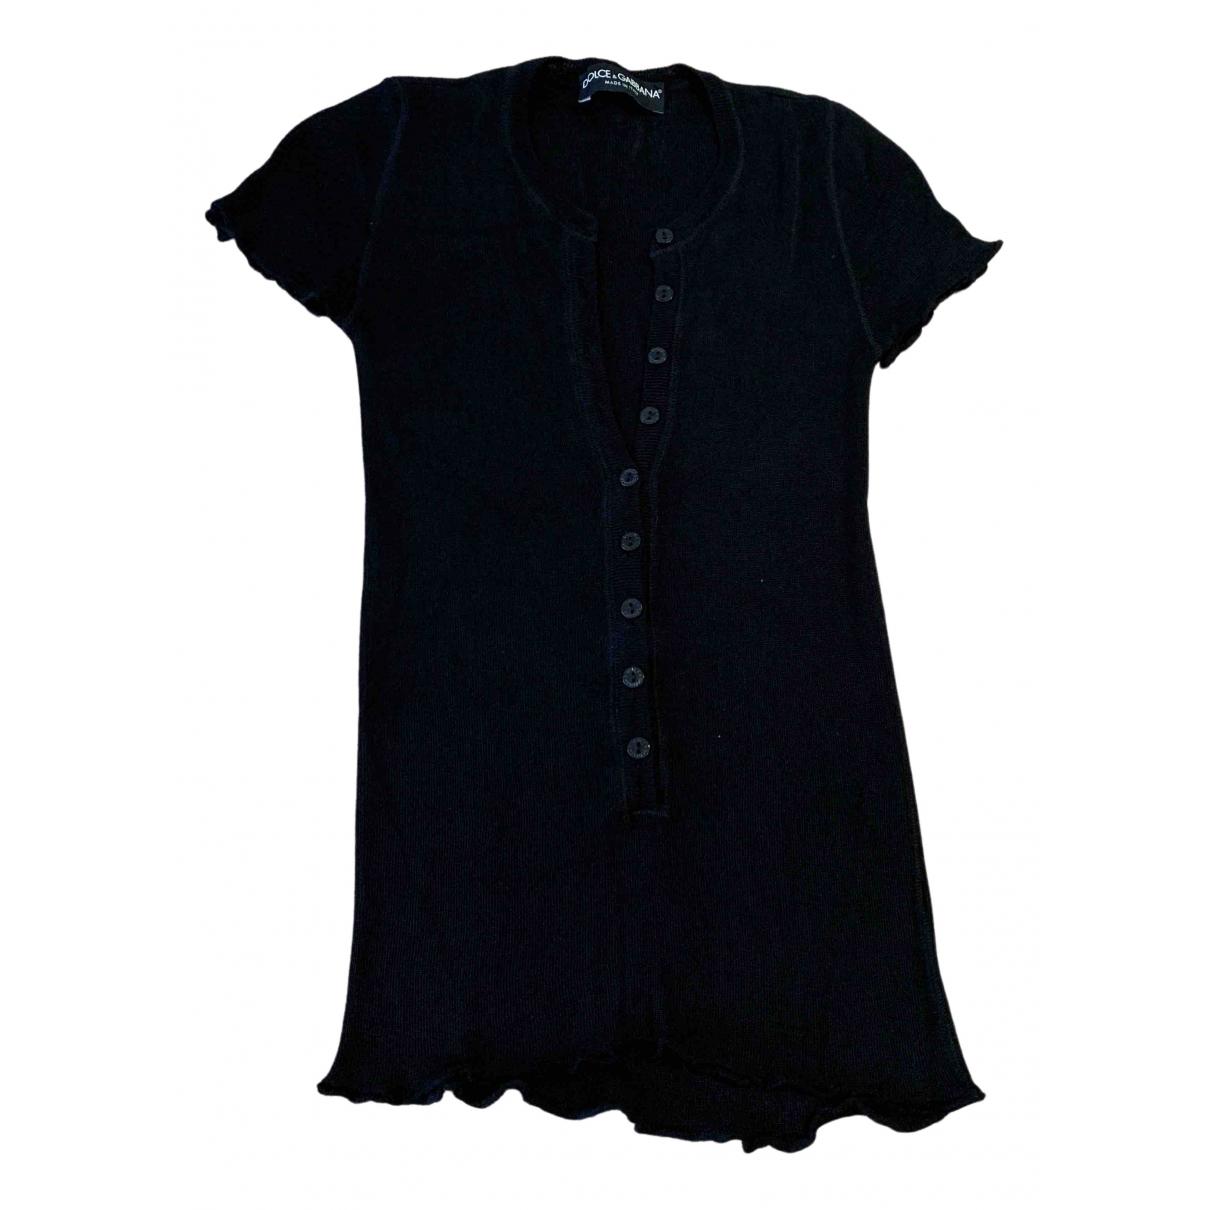 Dolce & Gabbana - Top   pour femme en soie - noir